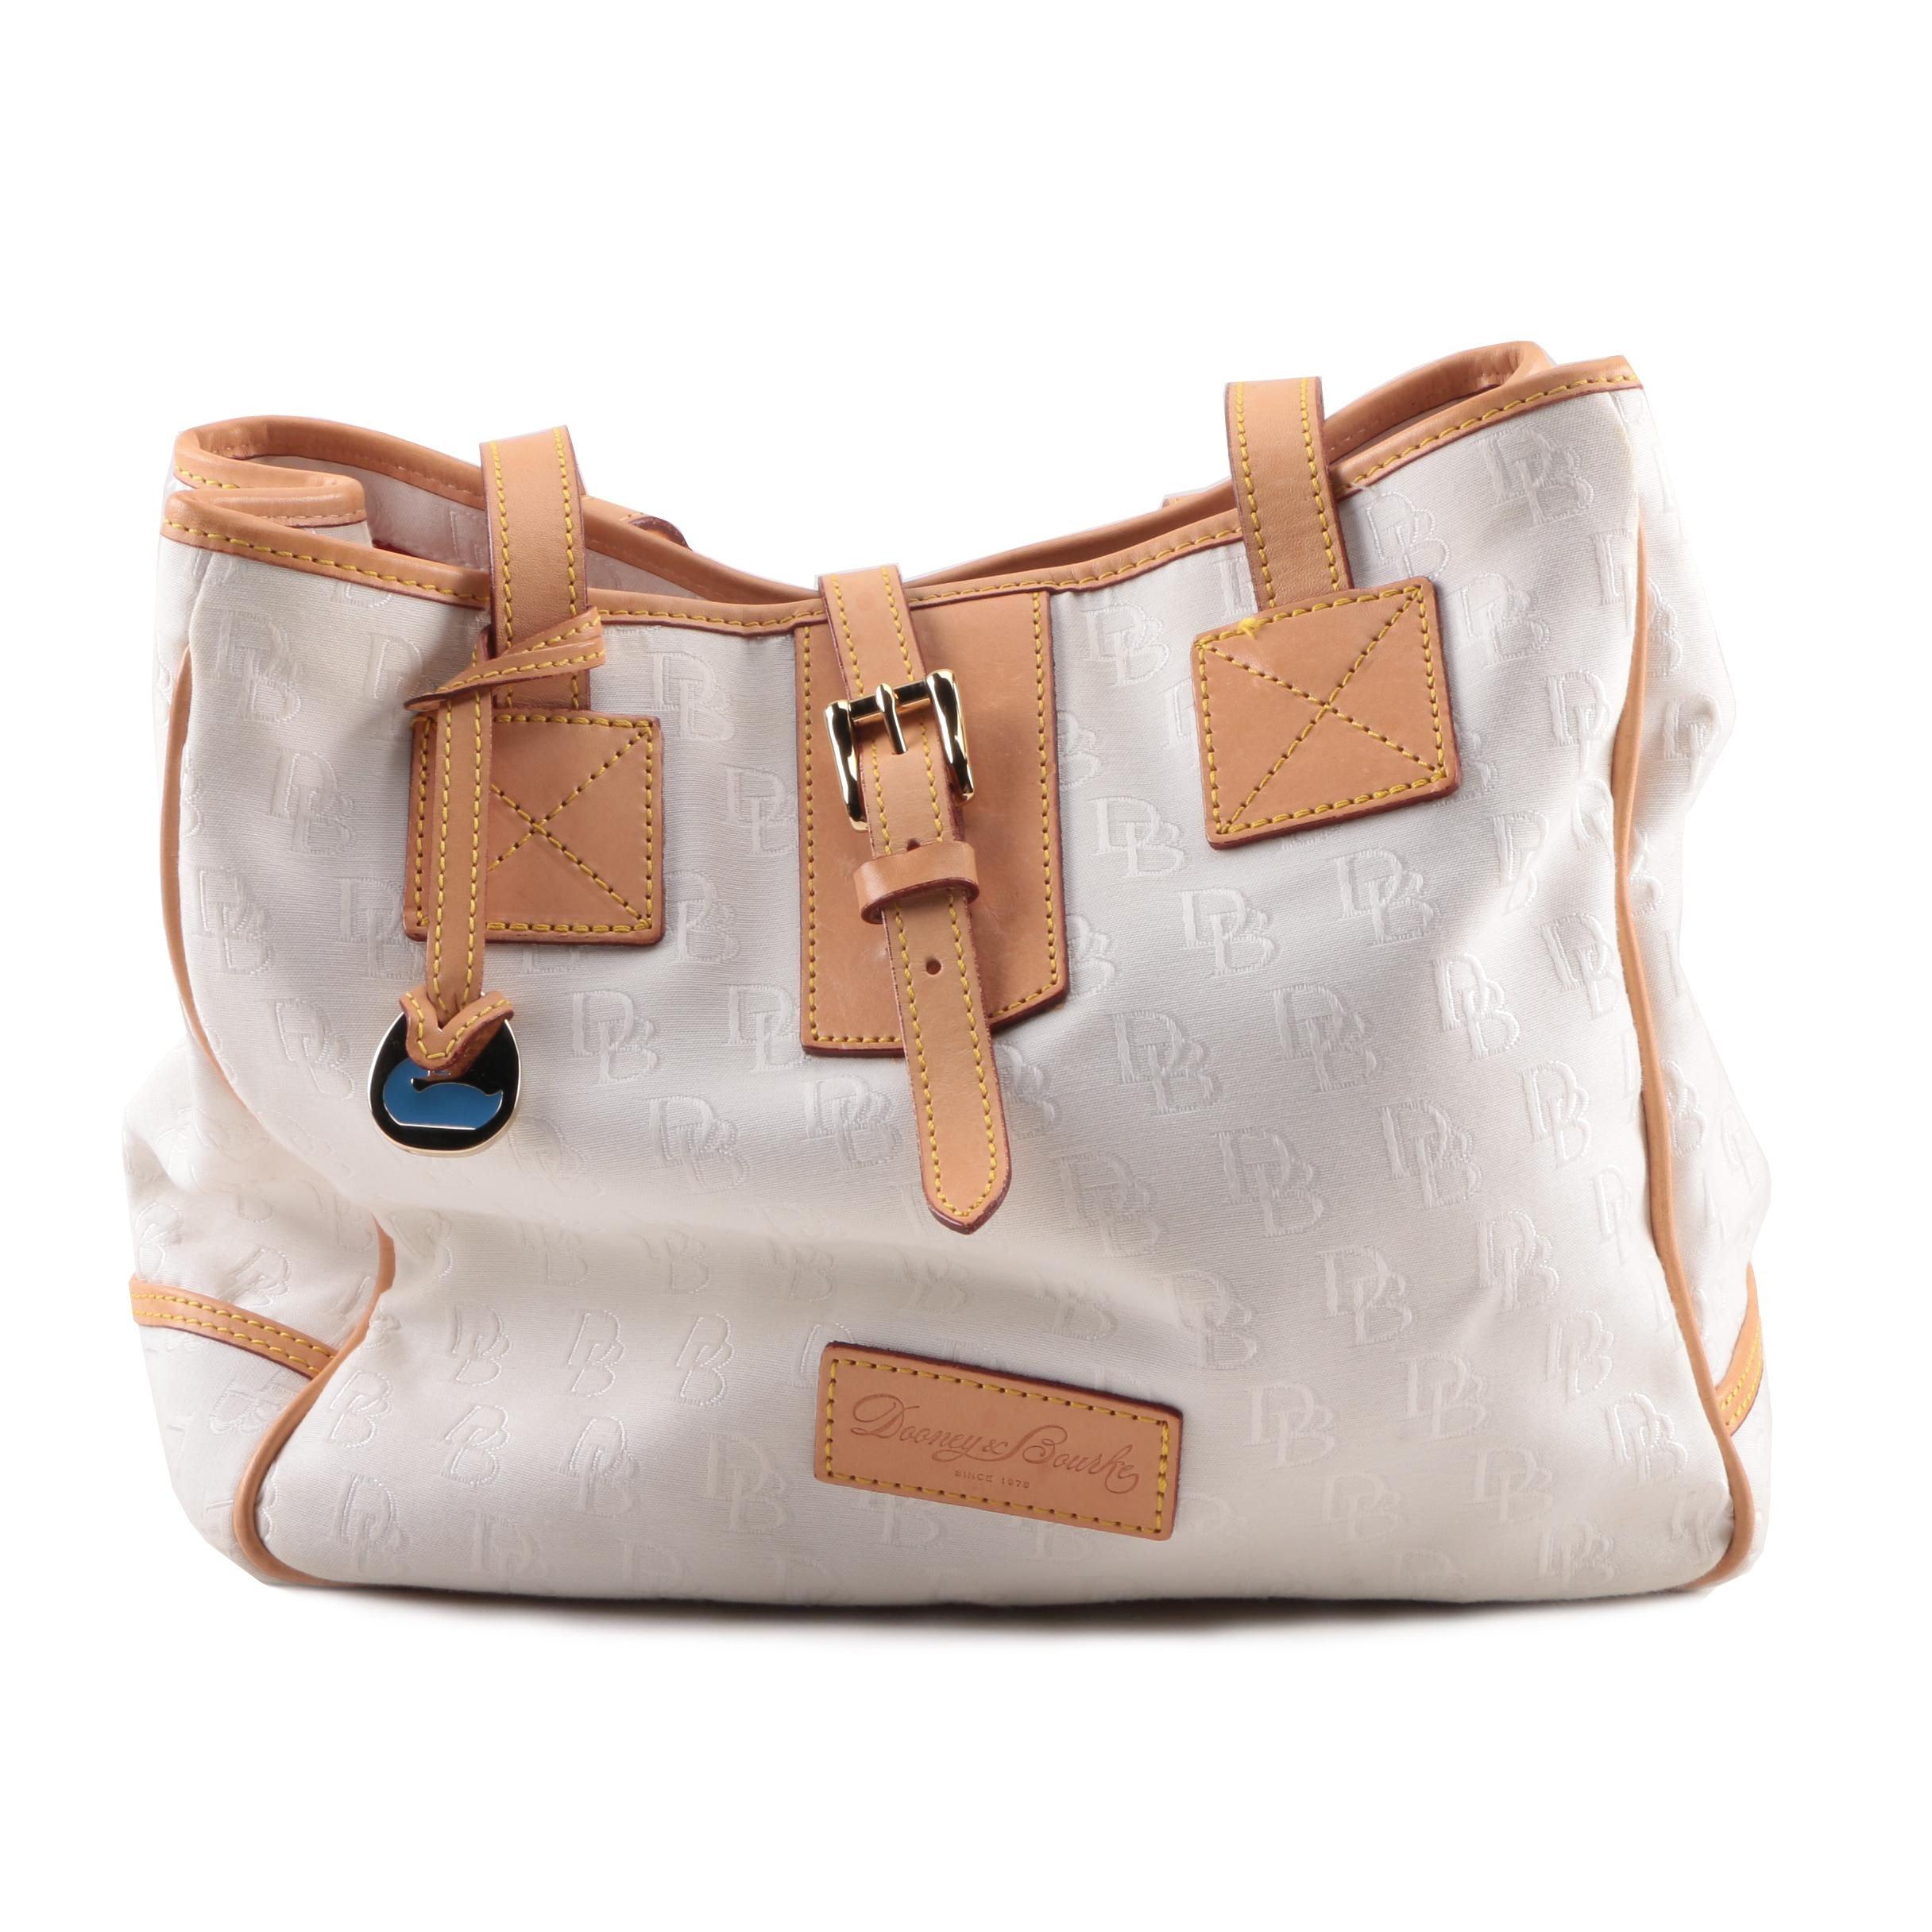 Dooney & Bourke Monogram Canvas and Leather Shoulder Bag